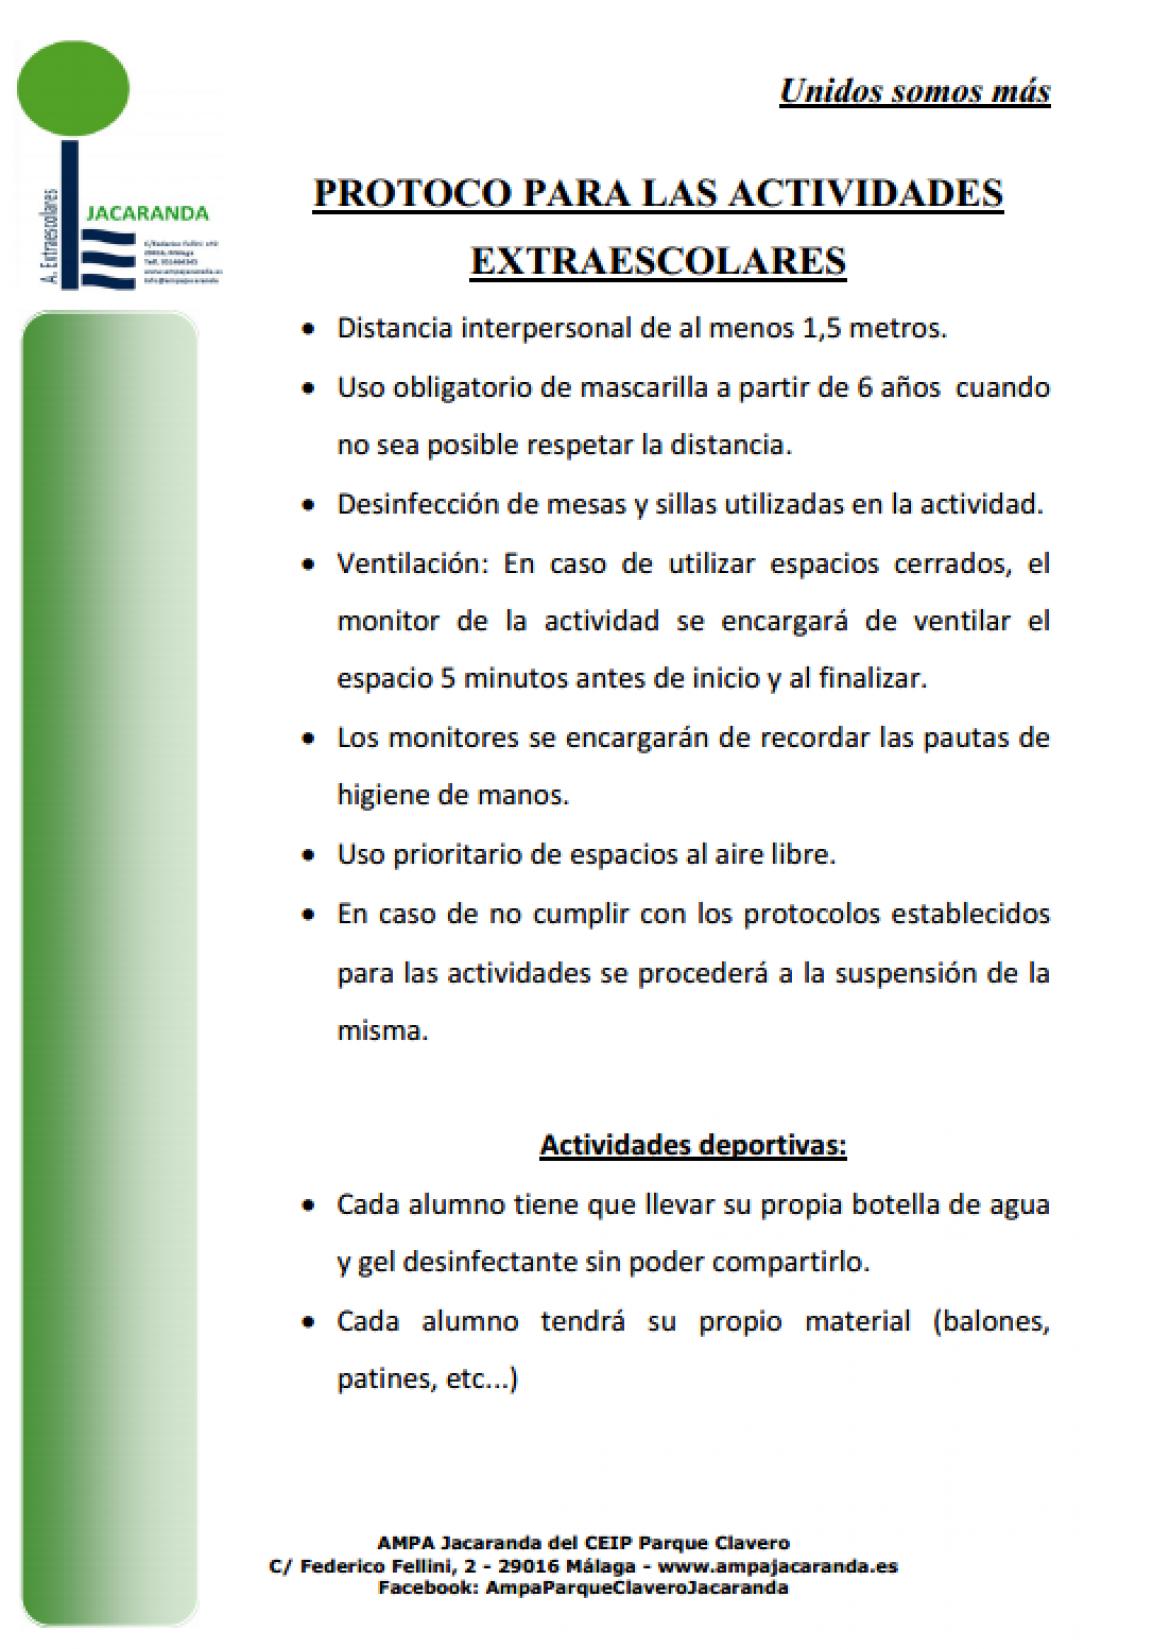 Protocolo actividades extraescolares